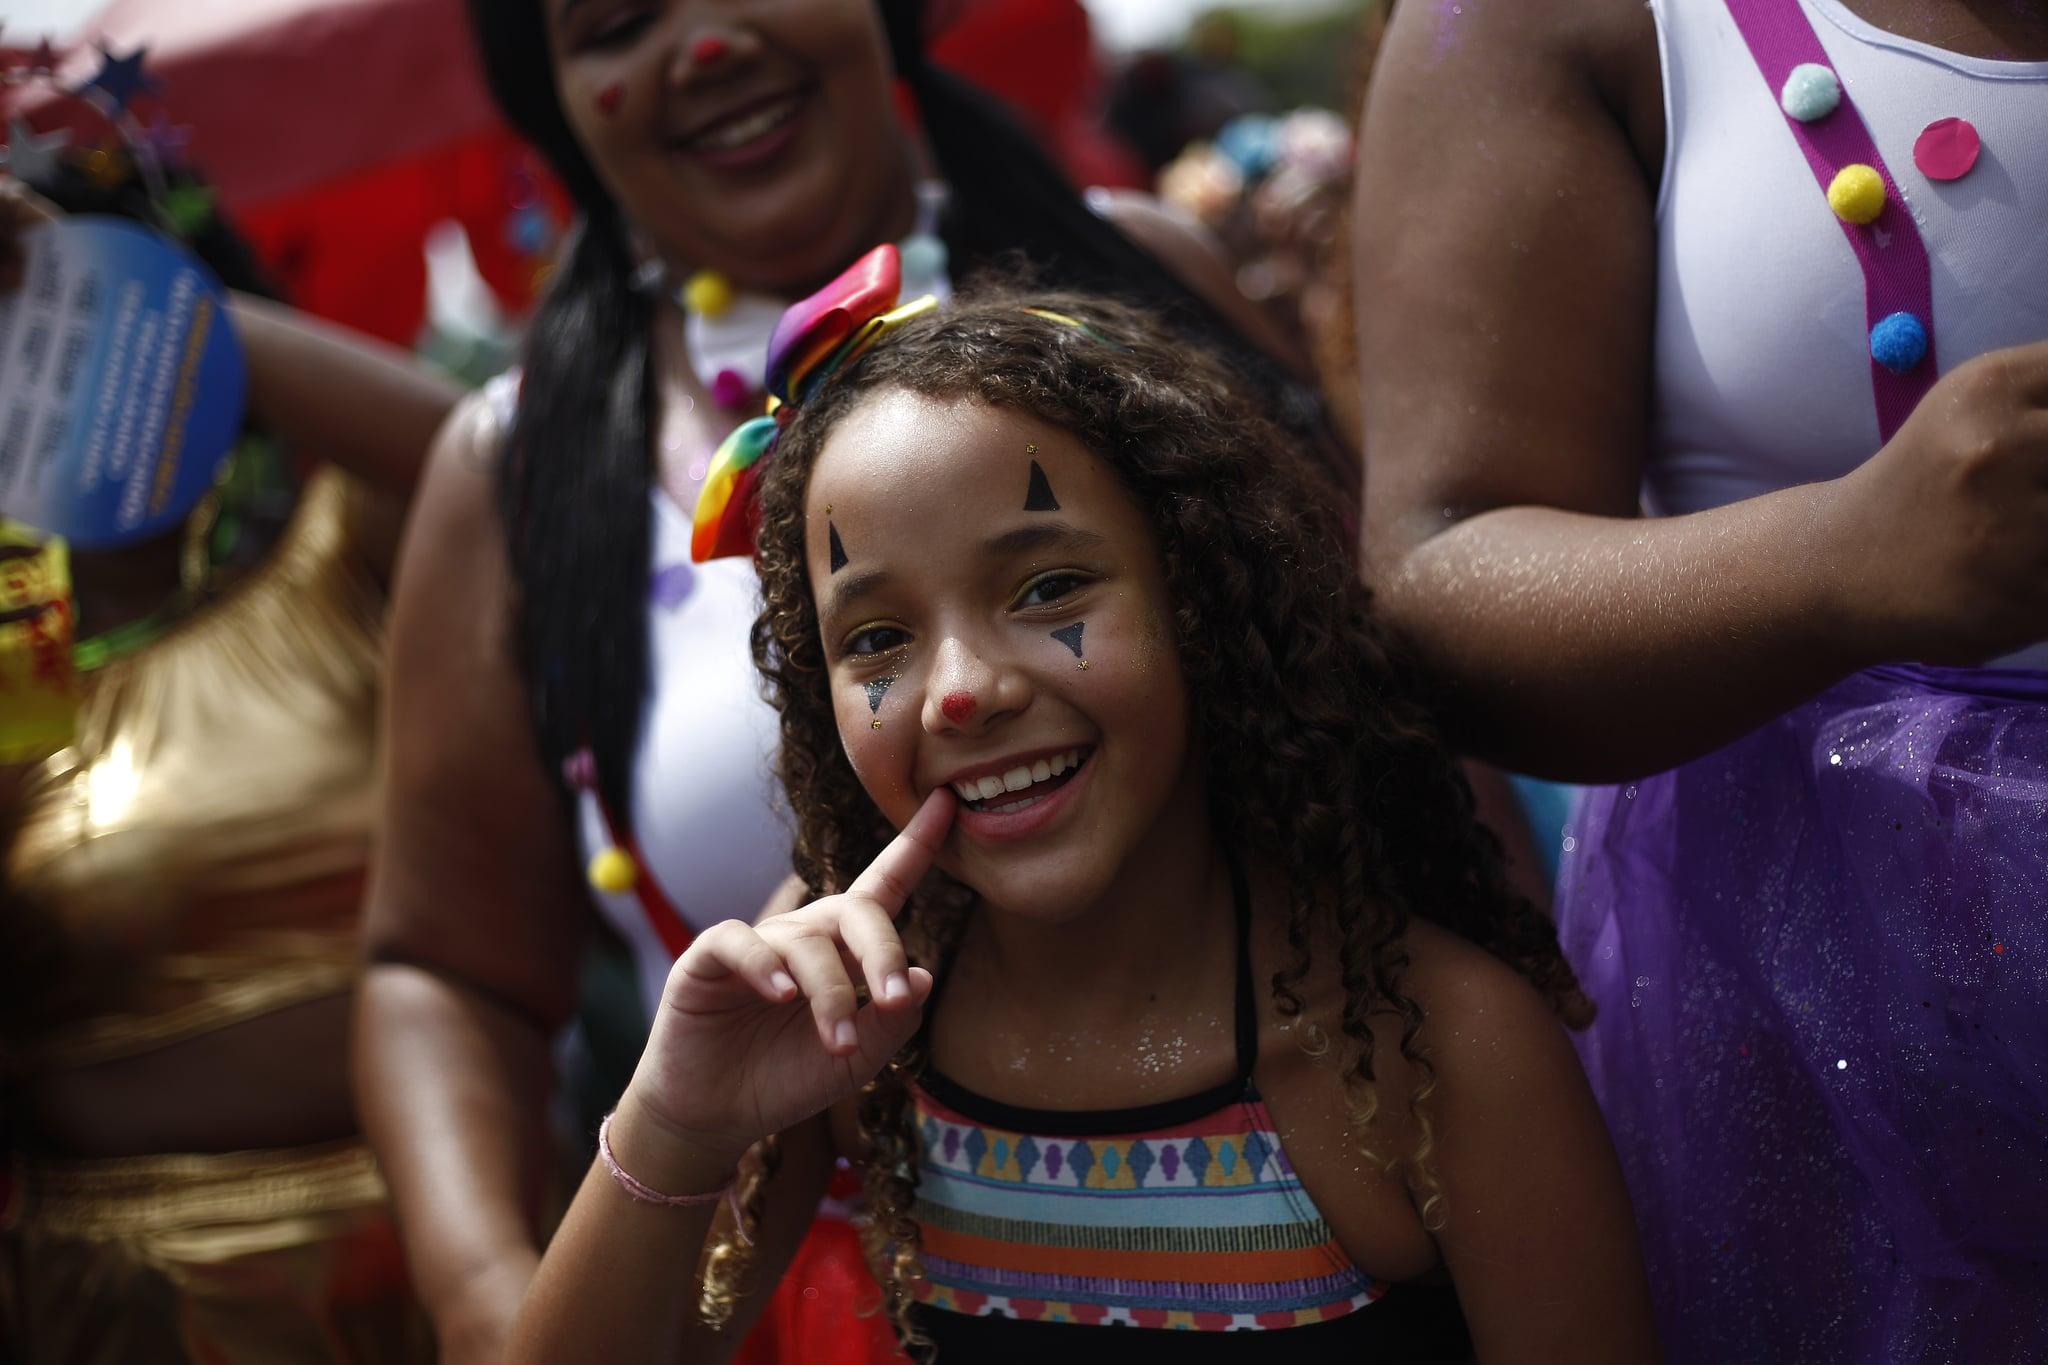 RIO DE JANEIRO, BRAZIL - FEBRUARY 16: A kid smiles at Bloco da Preta in downtown Rio on February 16, 2020 in Rio de Janeiro, Brazil. (Photo by Wagner Meier/Getty Images)